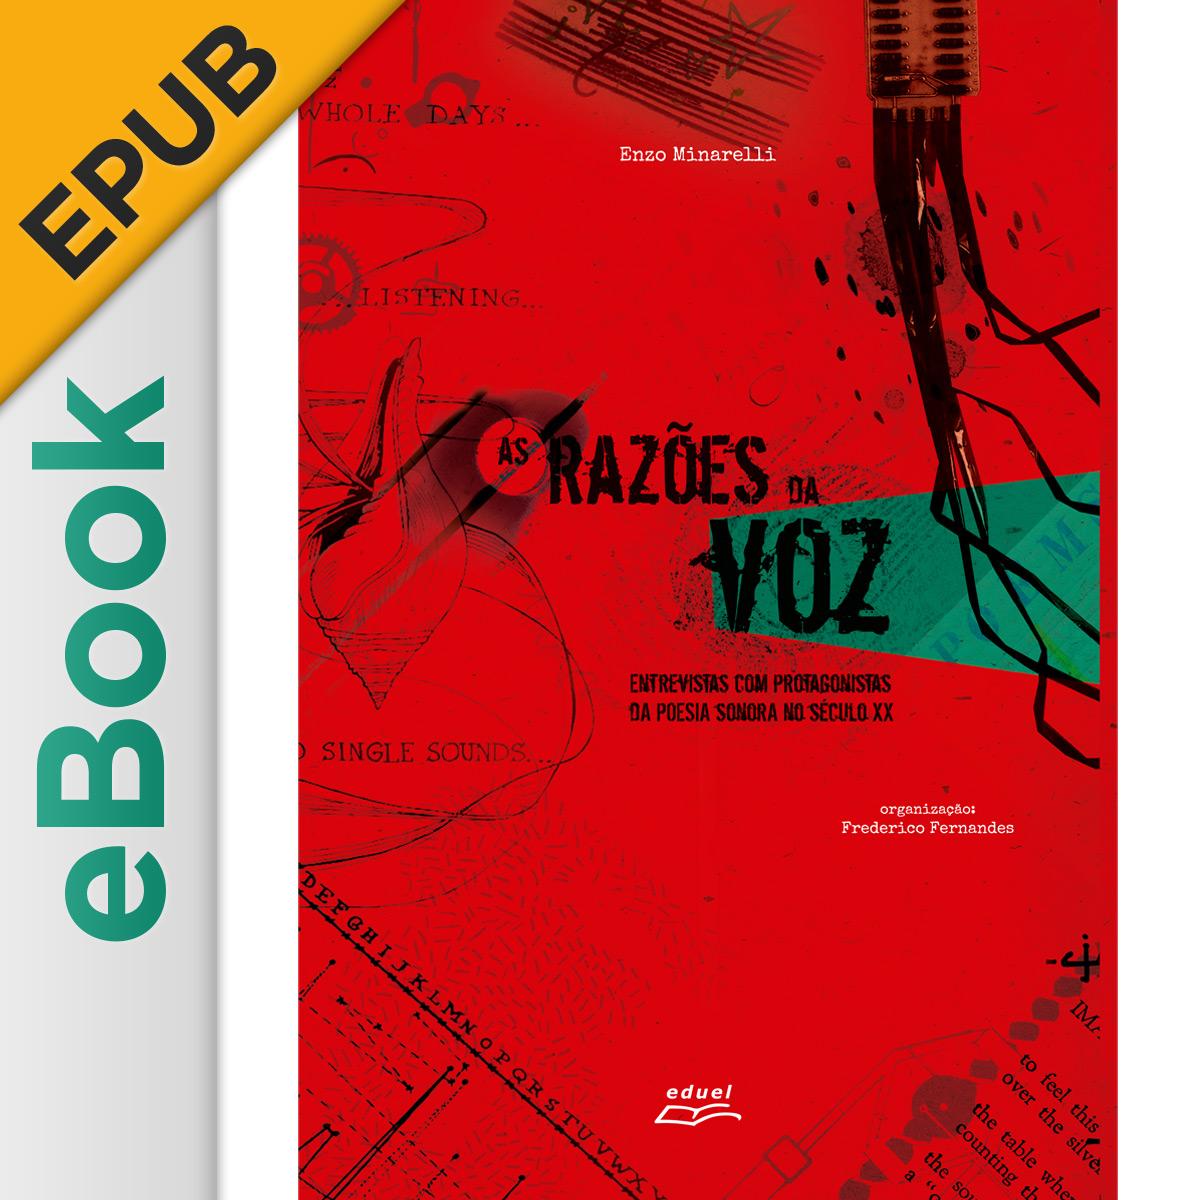 Livros Jorge Amado Epub